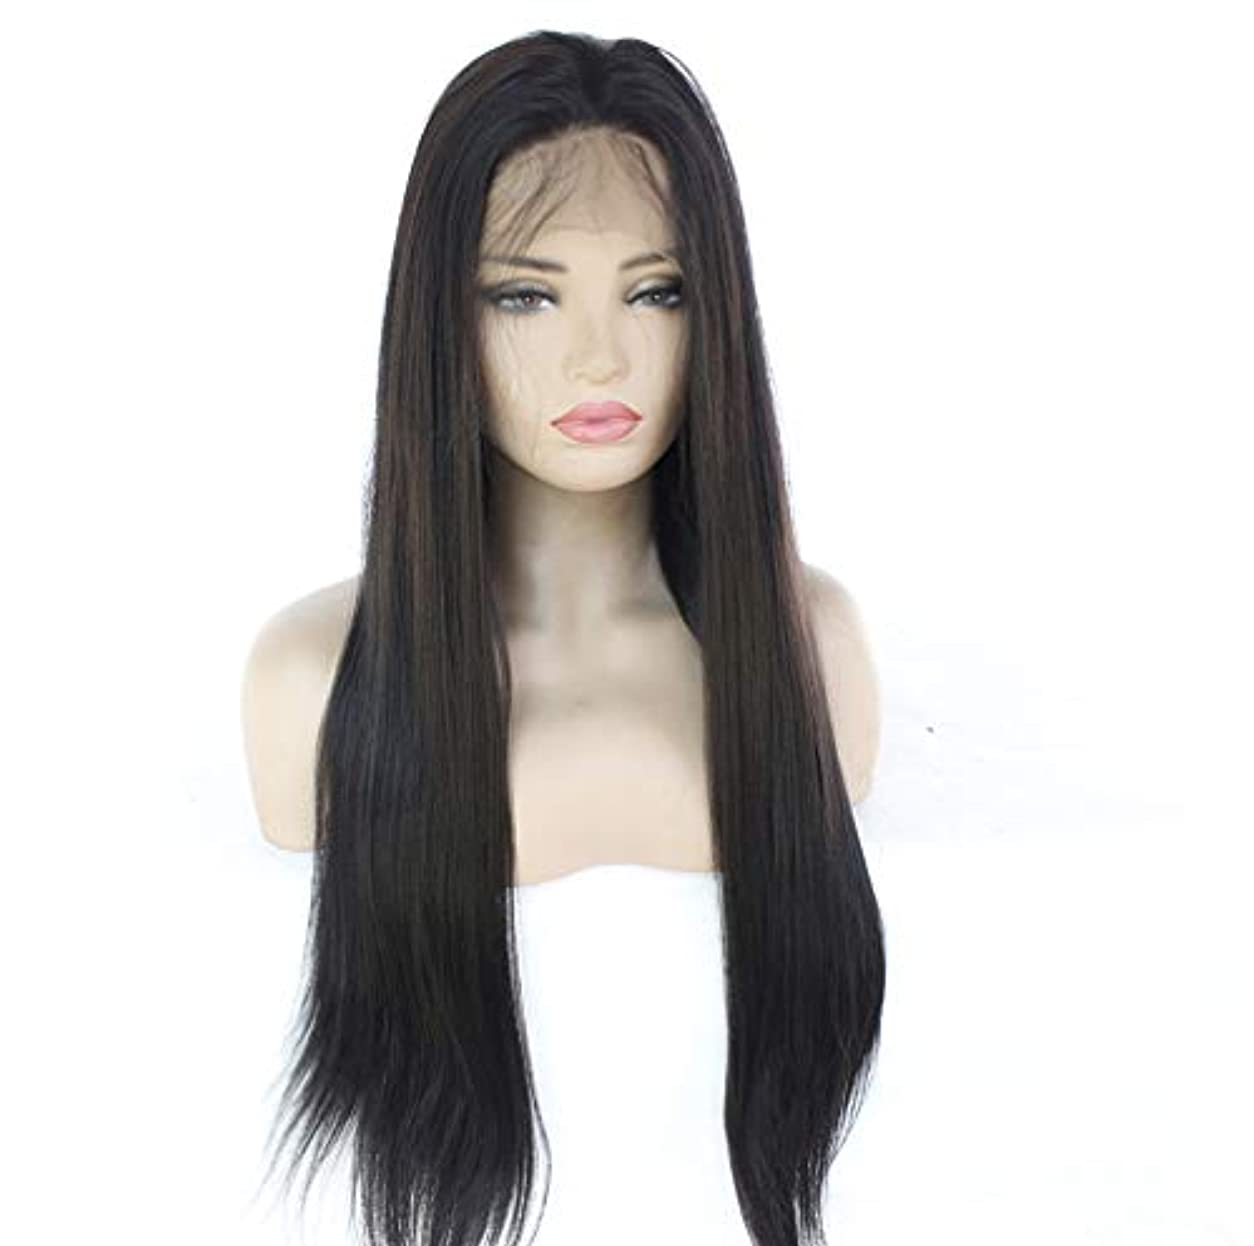 爬虫類傀儡渇き女性のレースの人間の髪の毛のかつら130%密度ナチュラルレース前頭かつらストレートボブのレースの前部人間の髪の毛のかつら